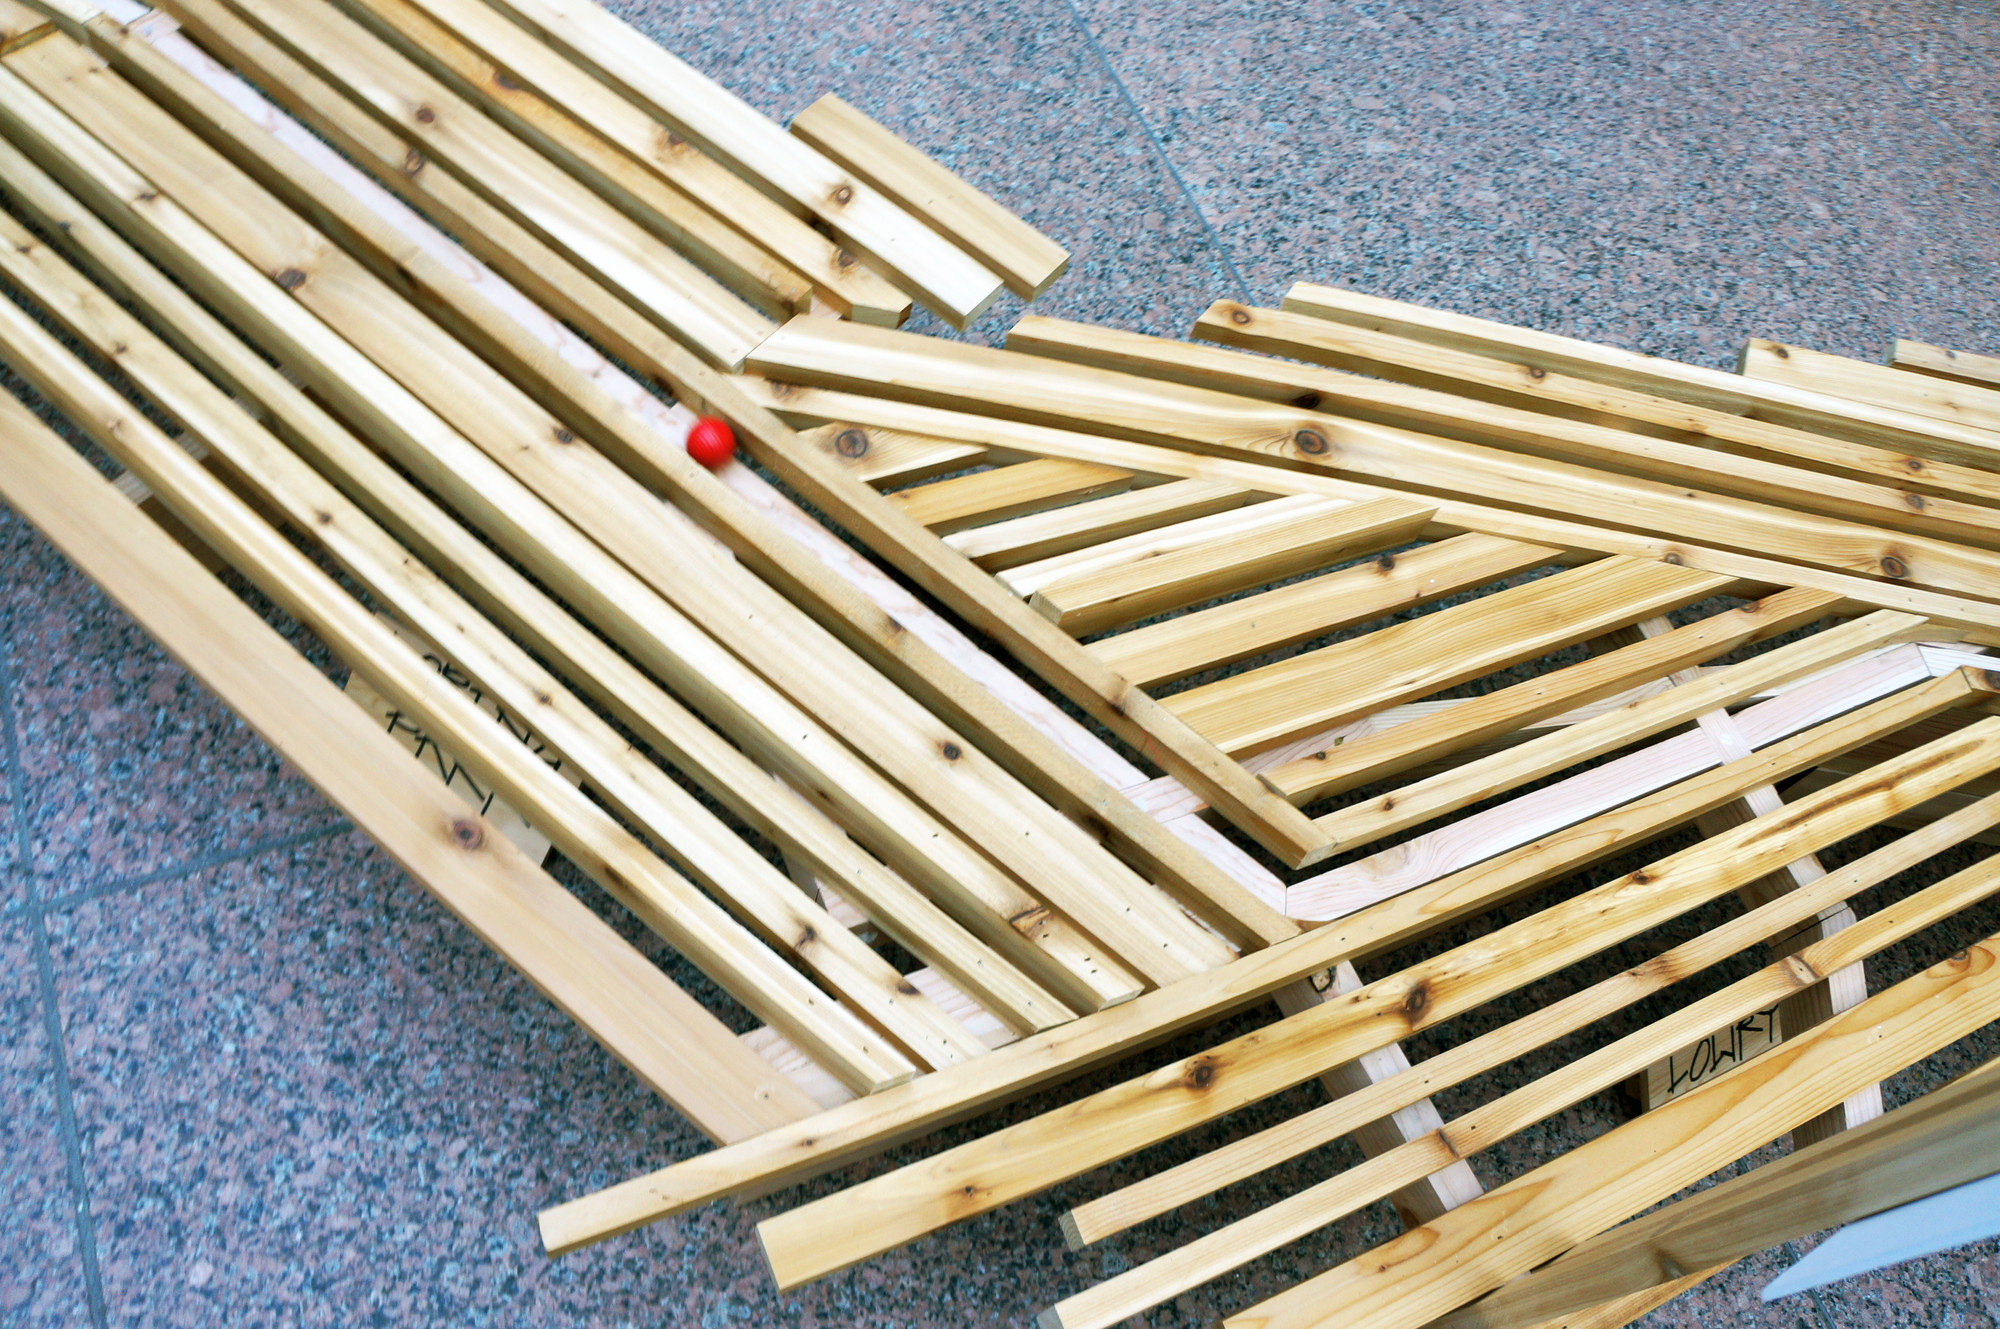 Estudiantes diseñan estructura de madera inspirada en la transformación de las ciudades, Courtesy of John Dwyer